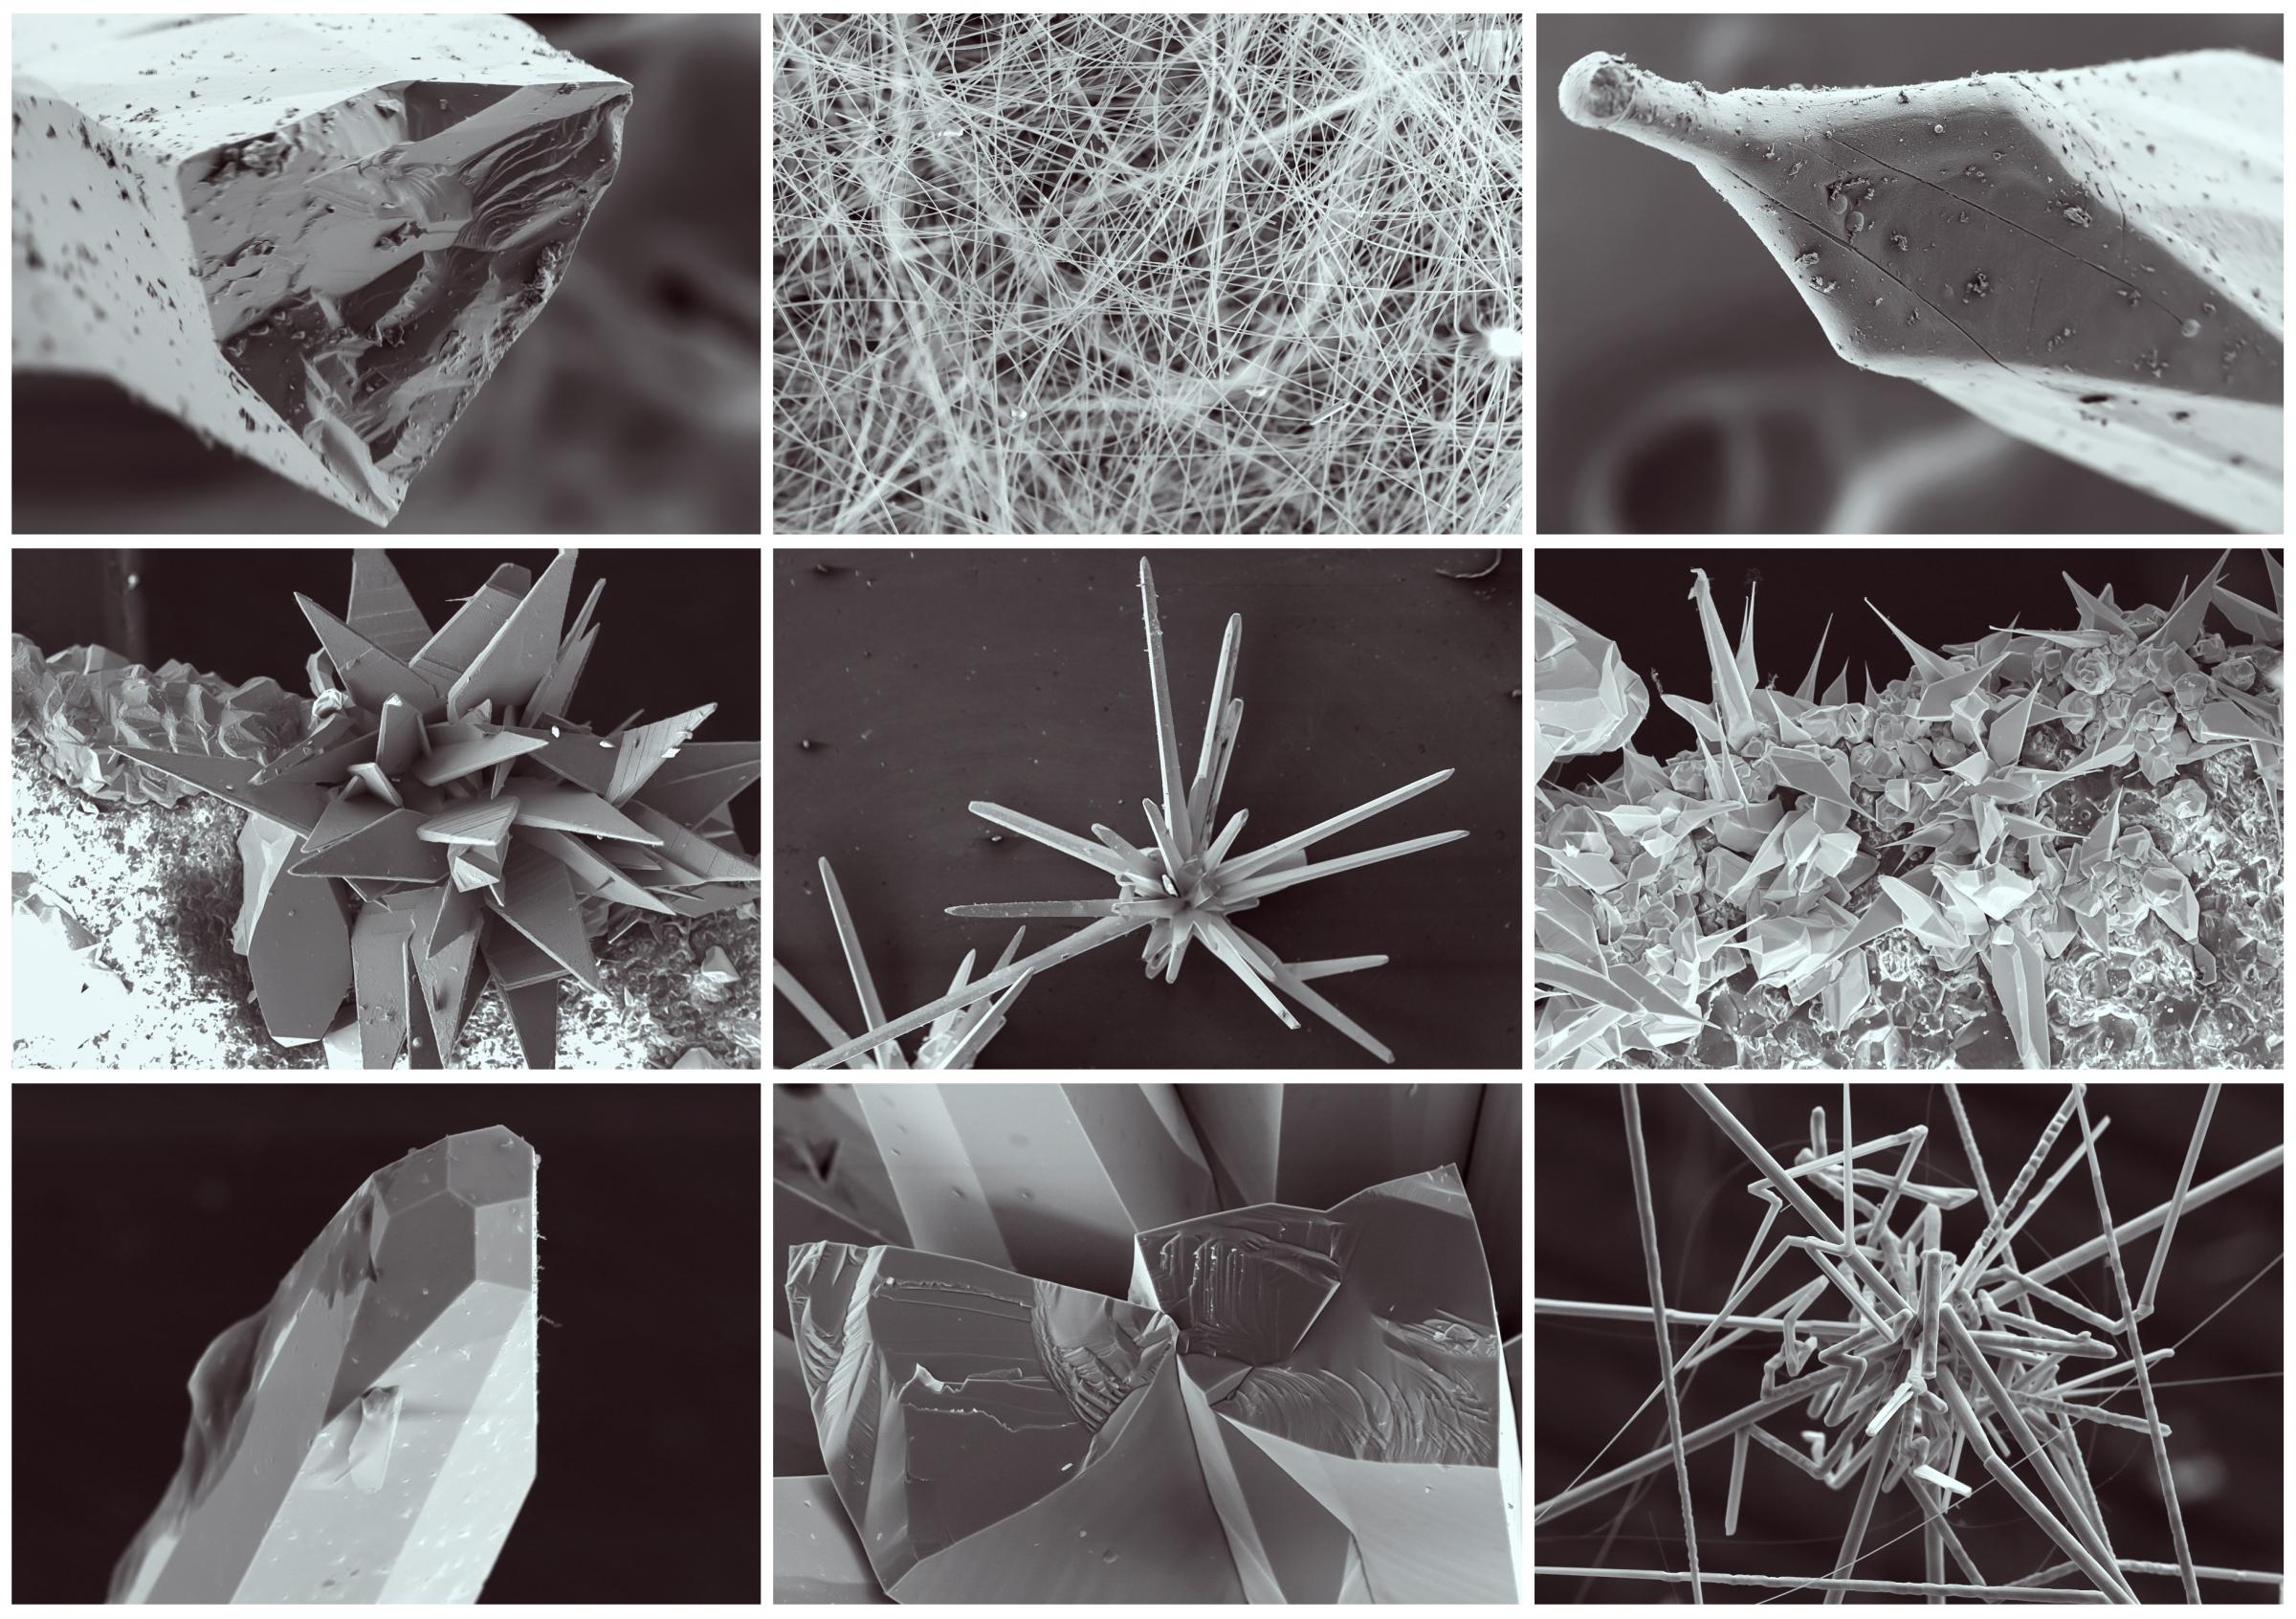 חומר חשוב בייצור רכיבים לתעשיית האלקטרוניקה. גבישים של גליום ארסניד בצילומי מיקרוסקופ אלקטרונים | מקור: Shutterstock